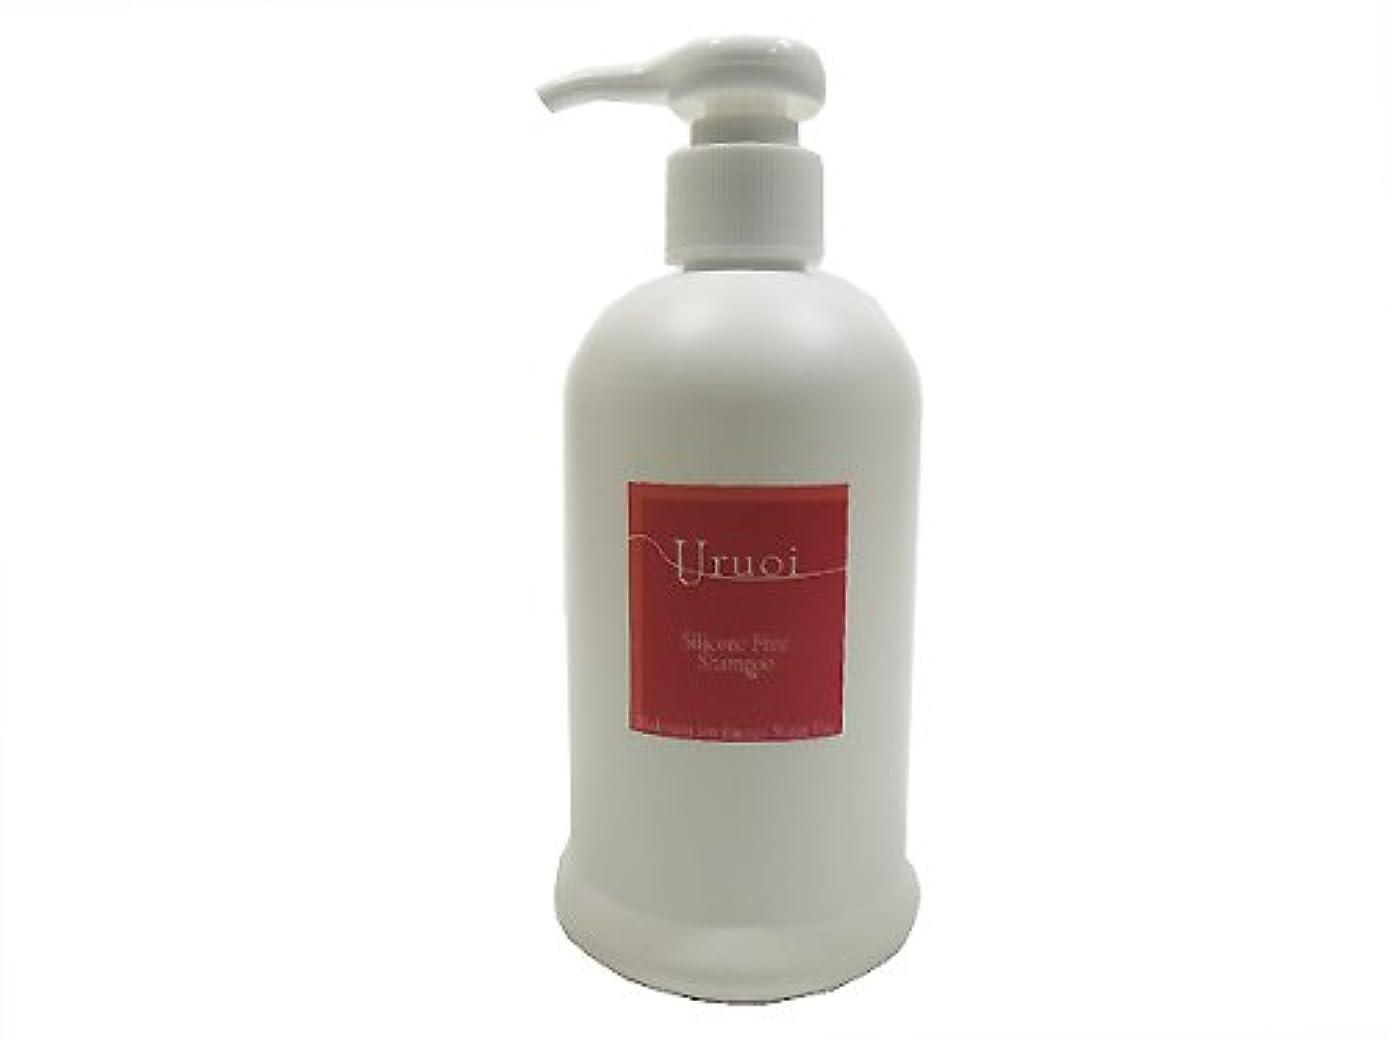 上陸滑るケント水素イオン発生エネルギー水 うるおいシャンプー ノンシリコン Silicone Free Uruoi Shampoo